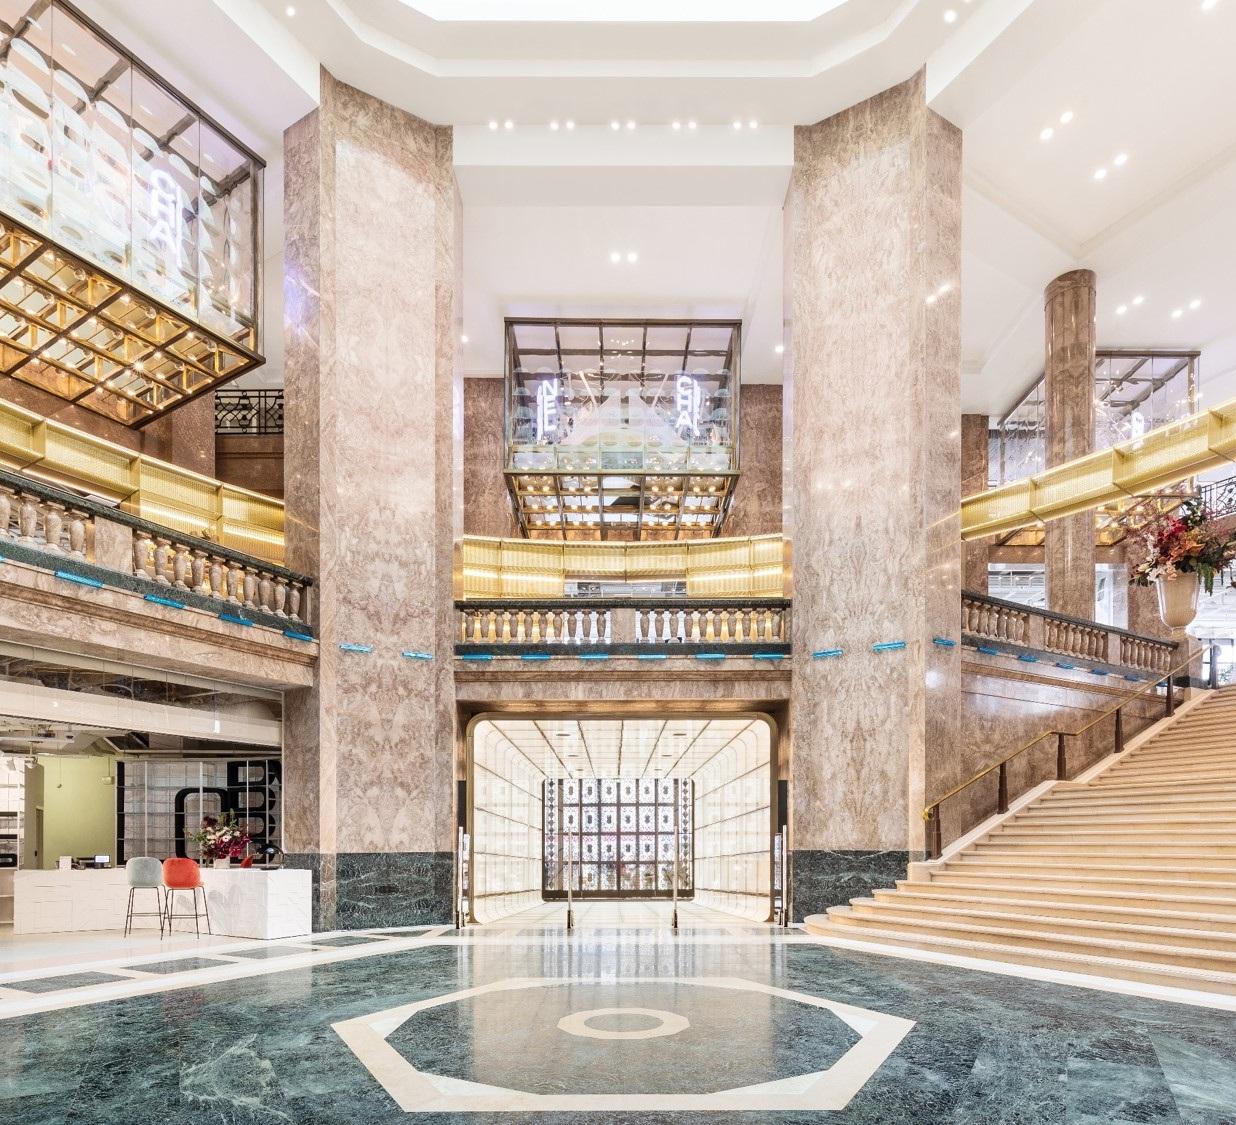 Galeries Lafayette Champs-Elysées, réalisation de l'architecte danois Bjarke Ingels et son cabinet BIG, 2019 (c) Delfino Sisto Legnani e Marco Cappelletti